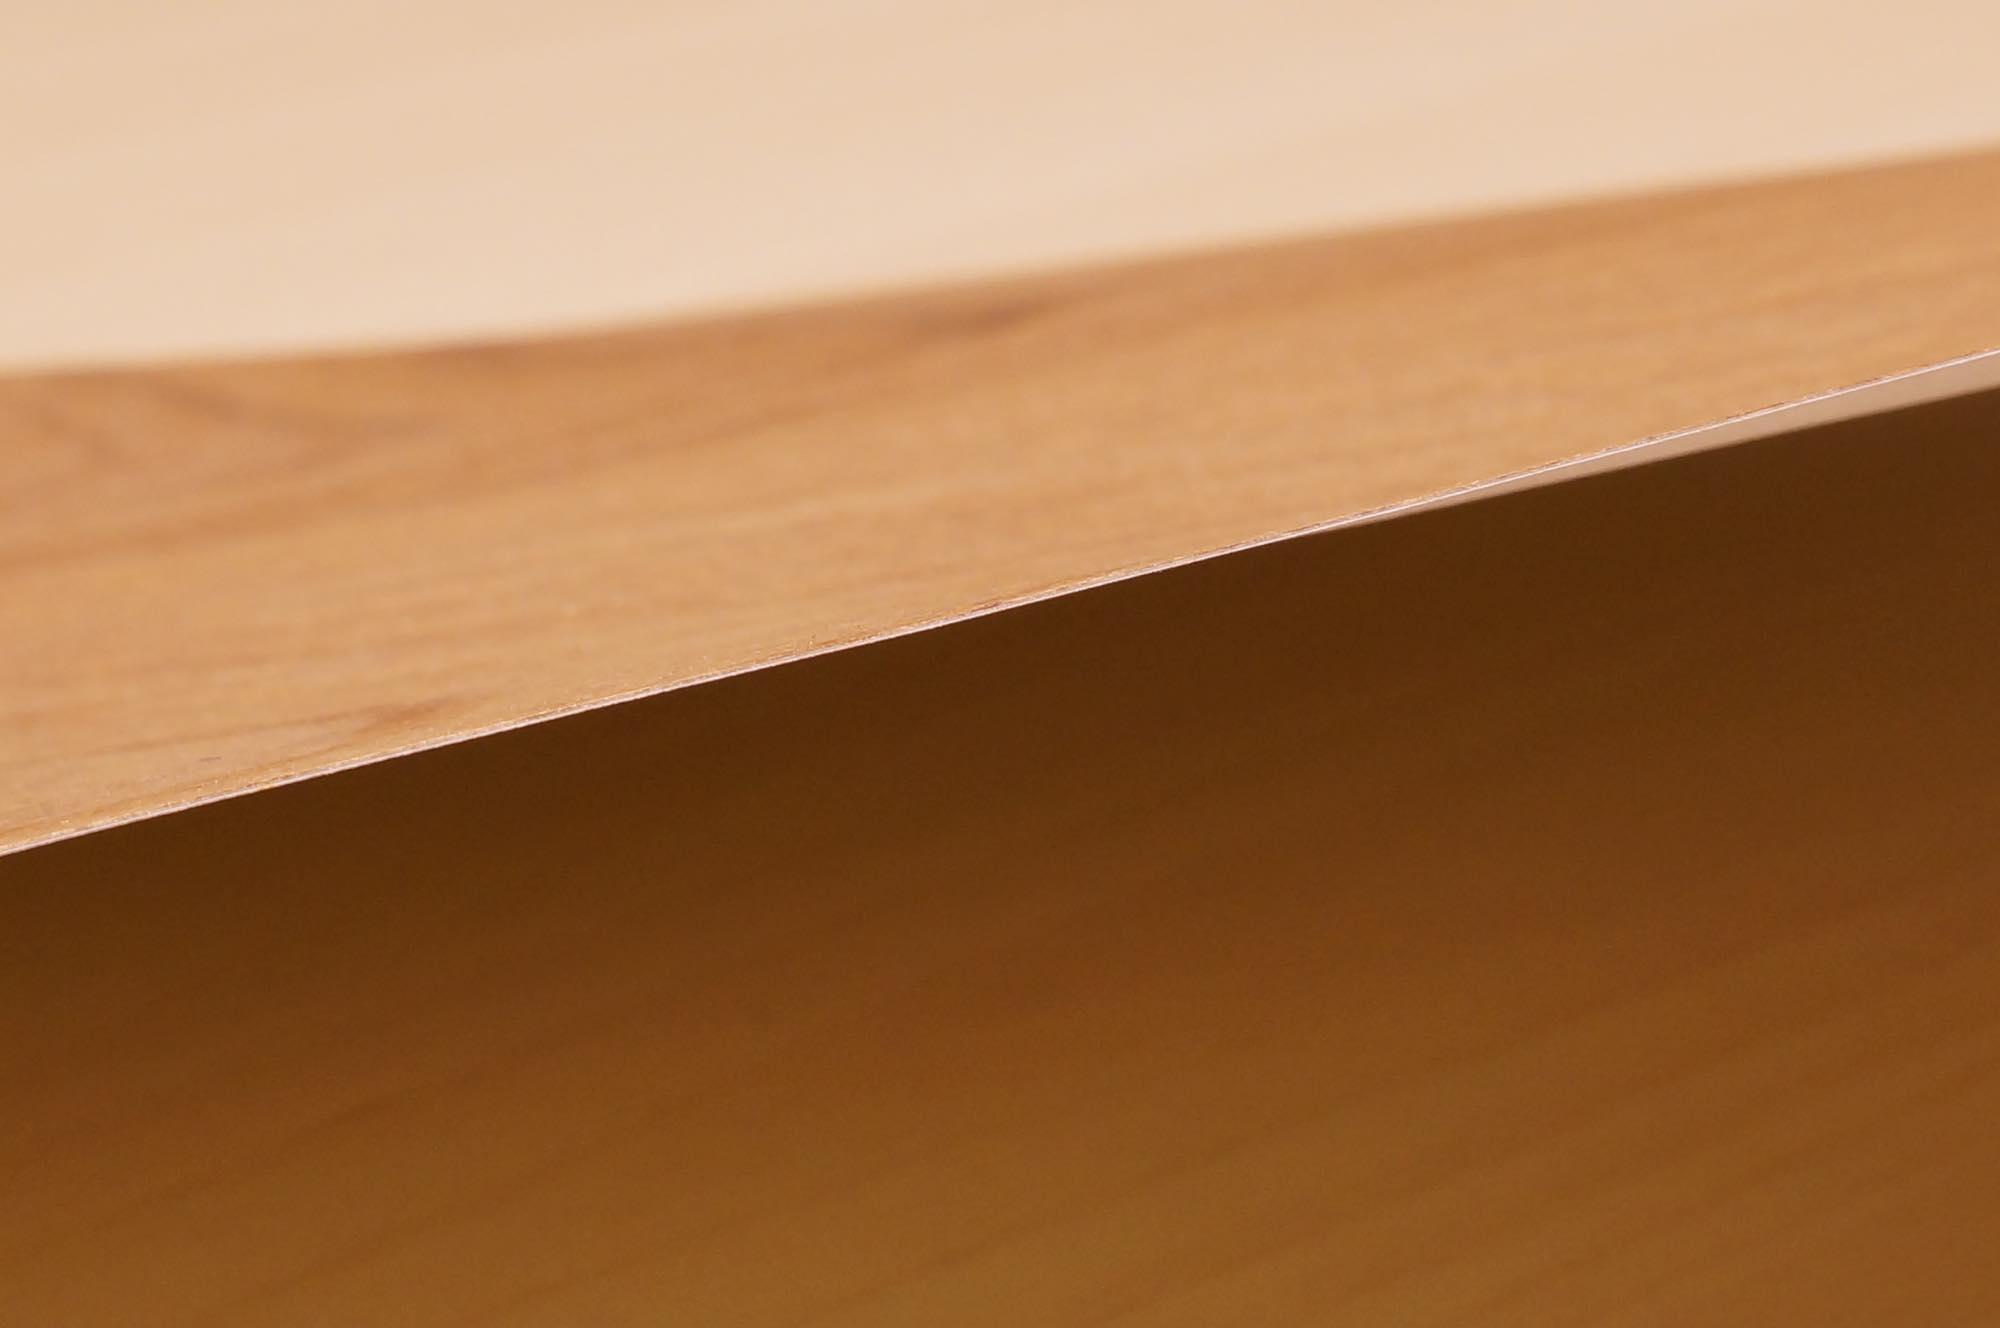 macbook-realwood-skin5